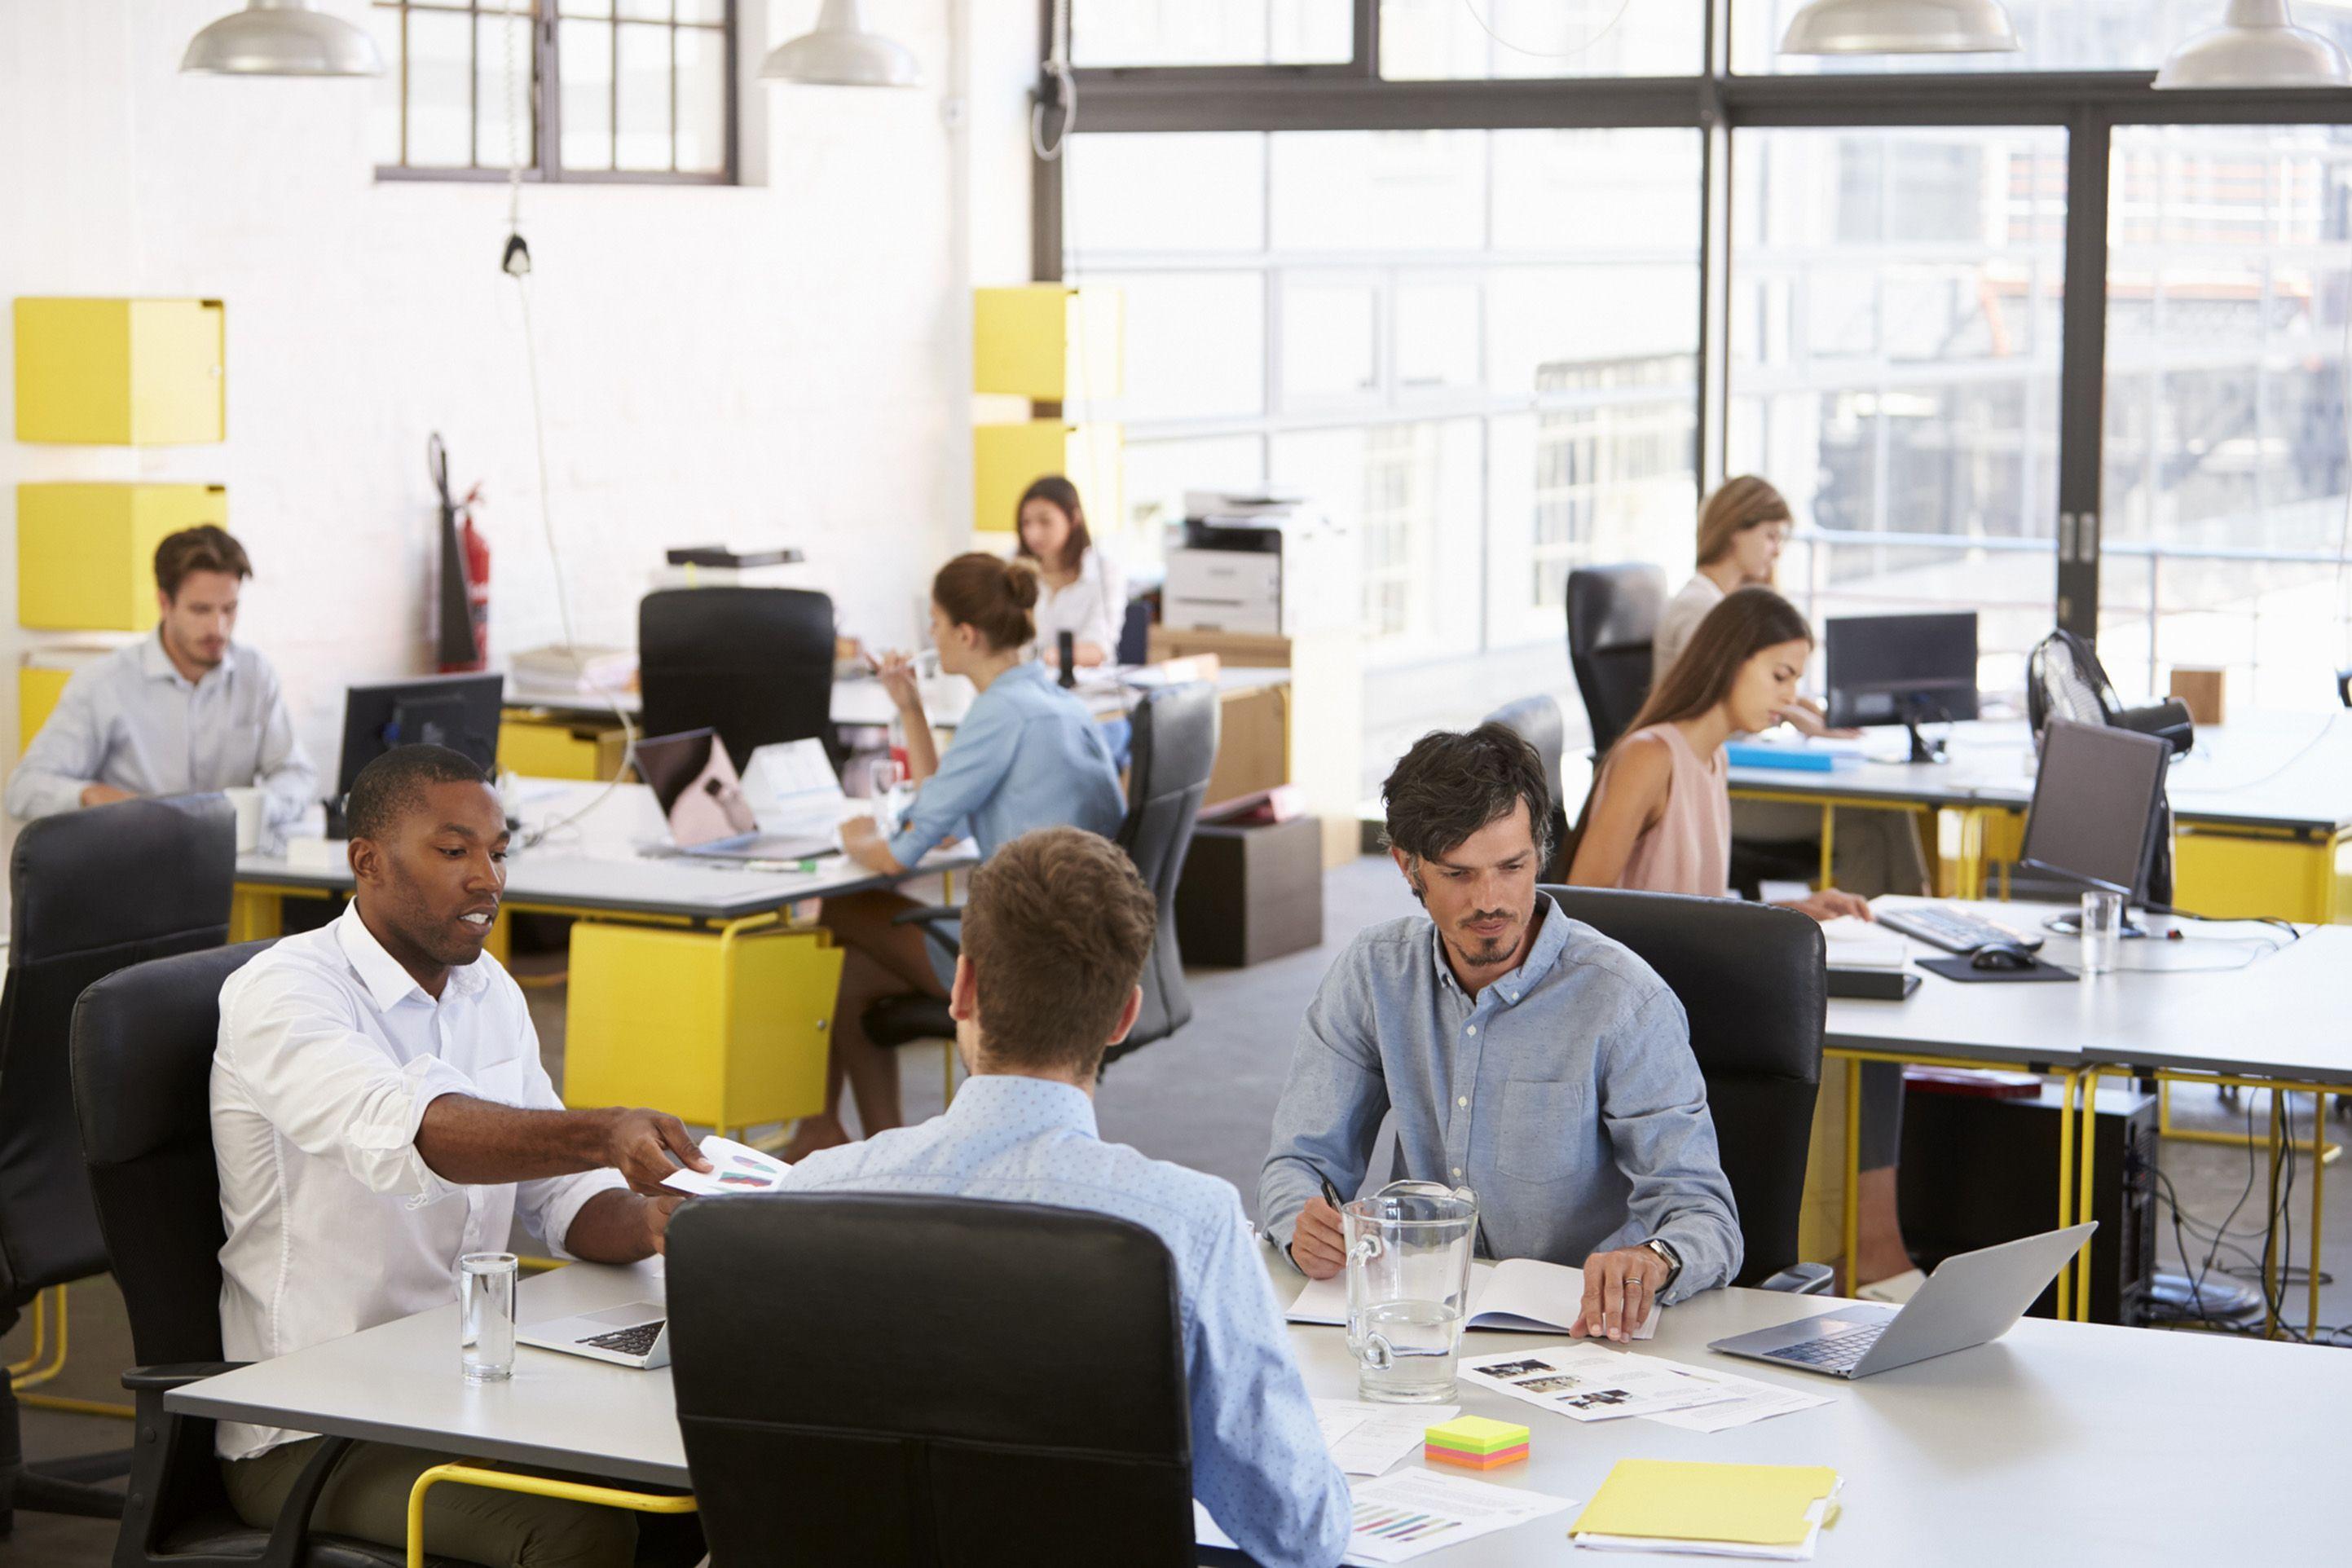 Des scientifiques ont posé des capteurs dans des bureaux en open space pour évaluer la pollution de l'air intérieur